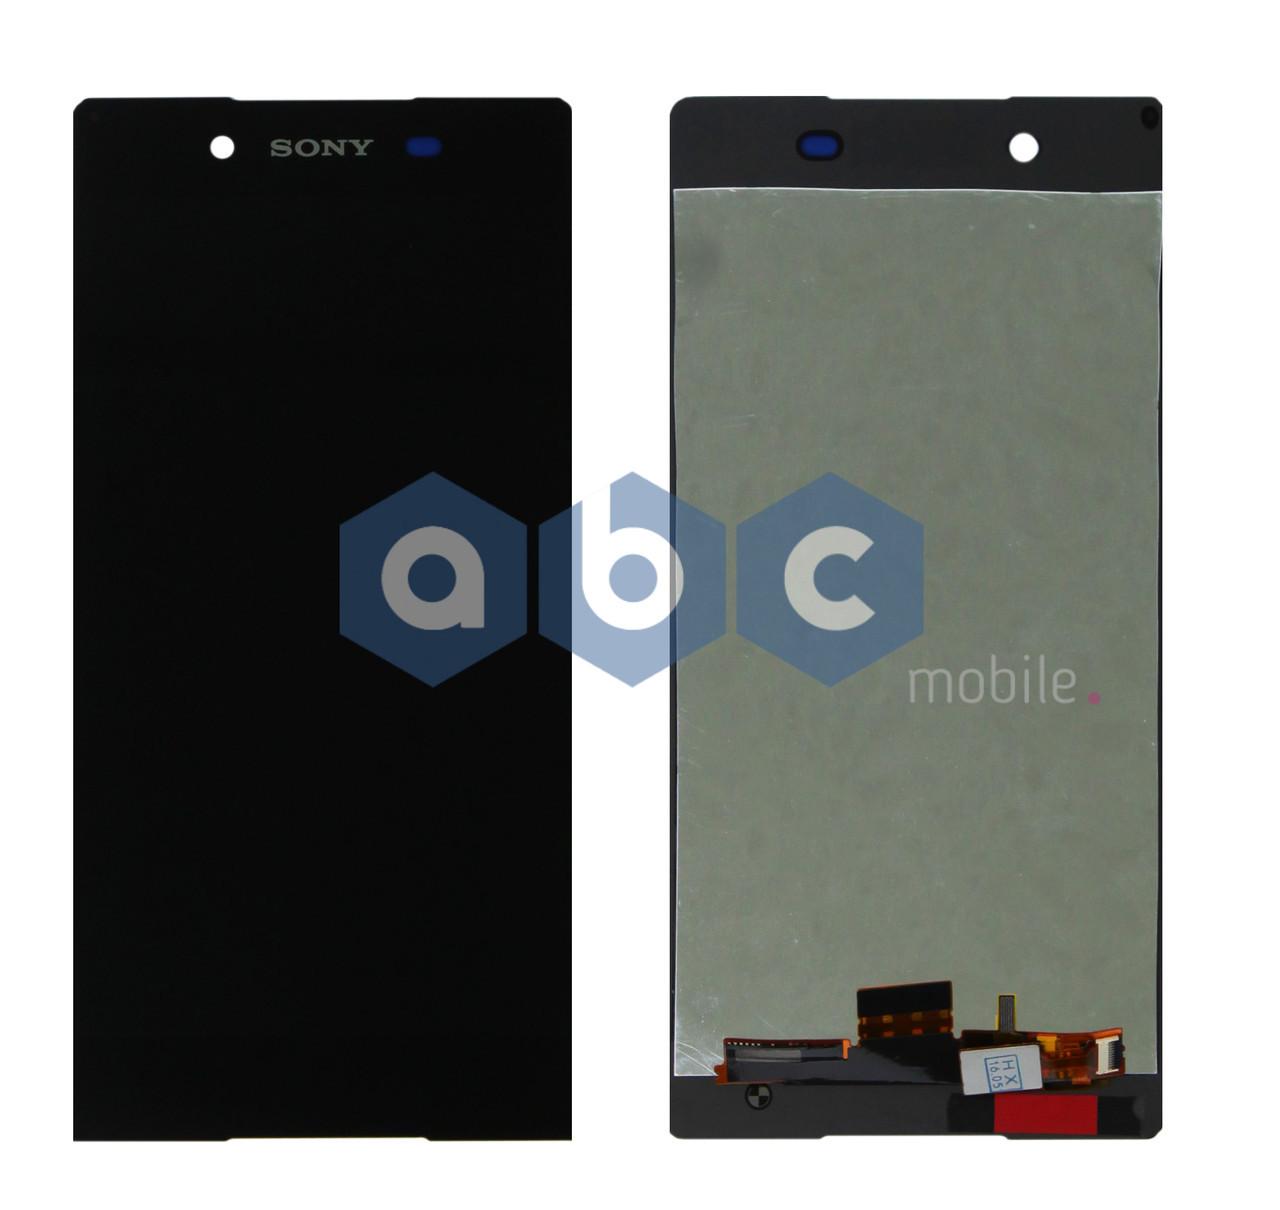 Дисплей (модуль) Sony E6533 Xperia Z3+ DS, E6553 Xperia Z3+, Xperia Z4